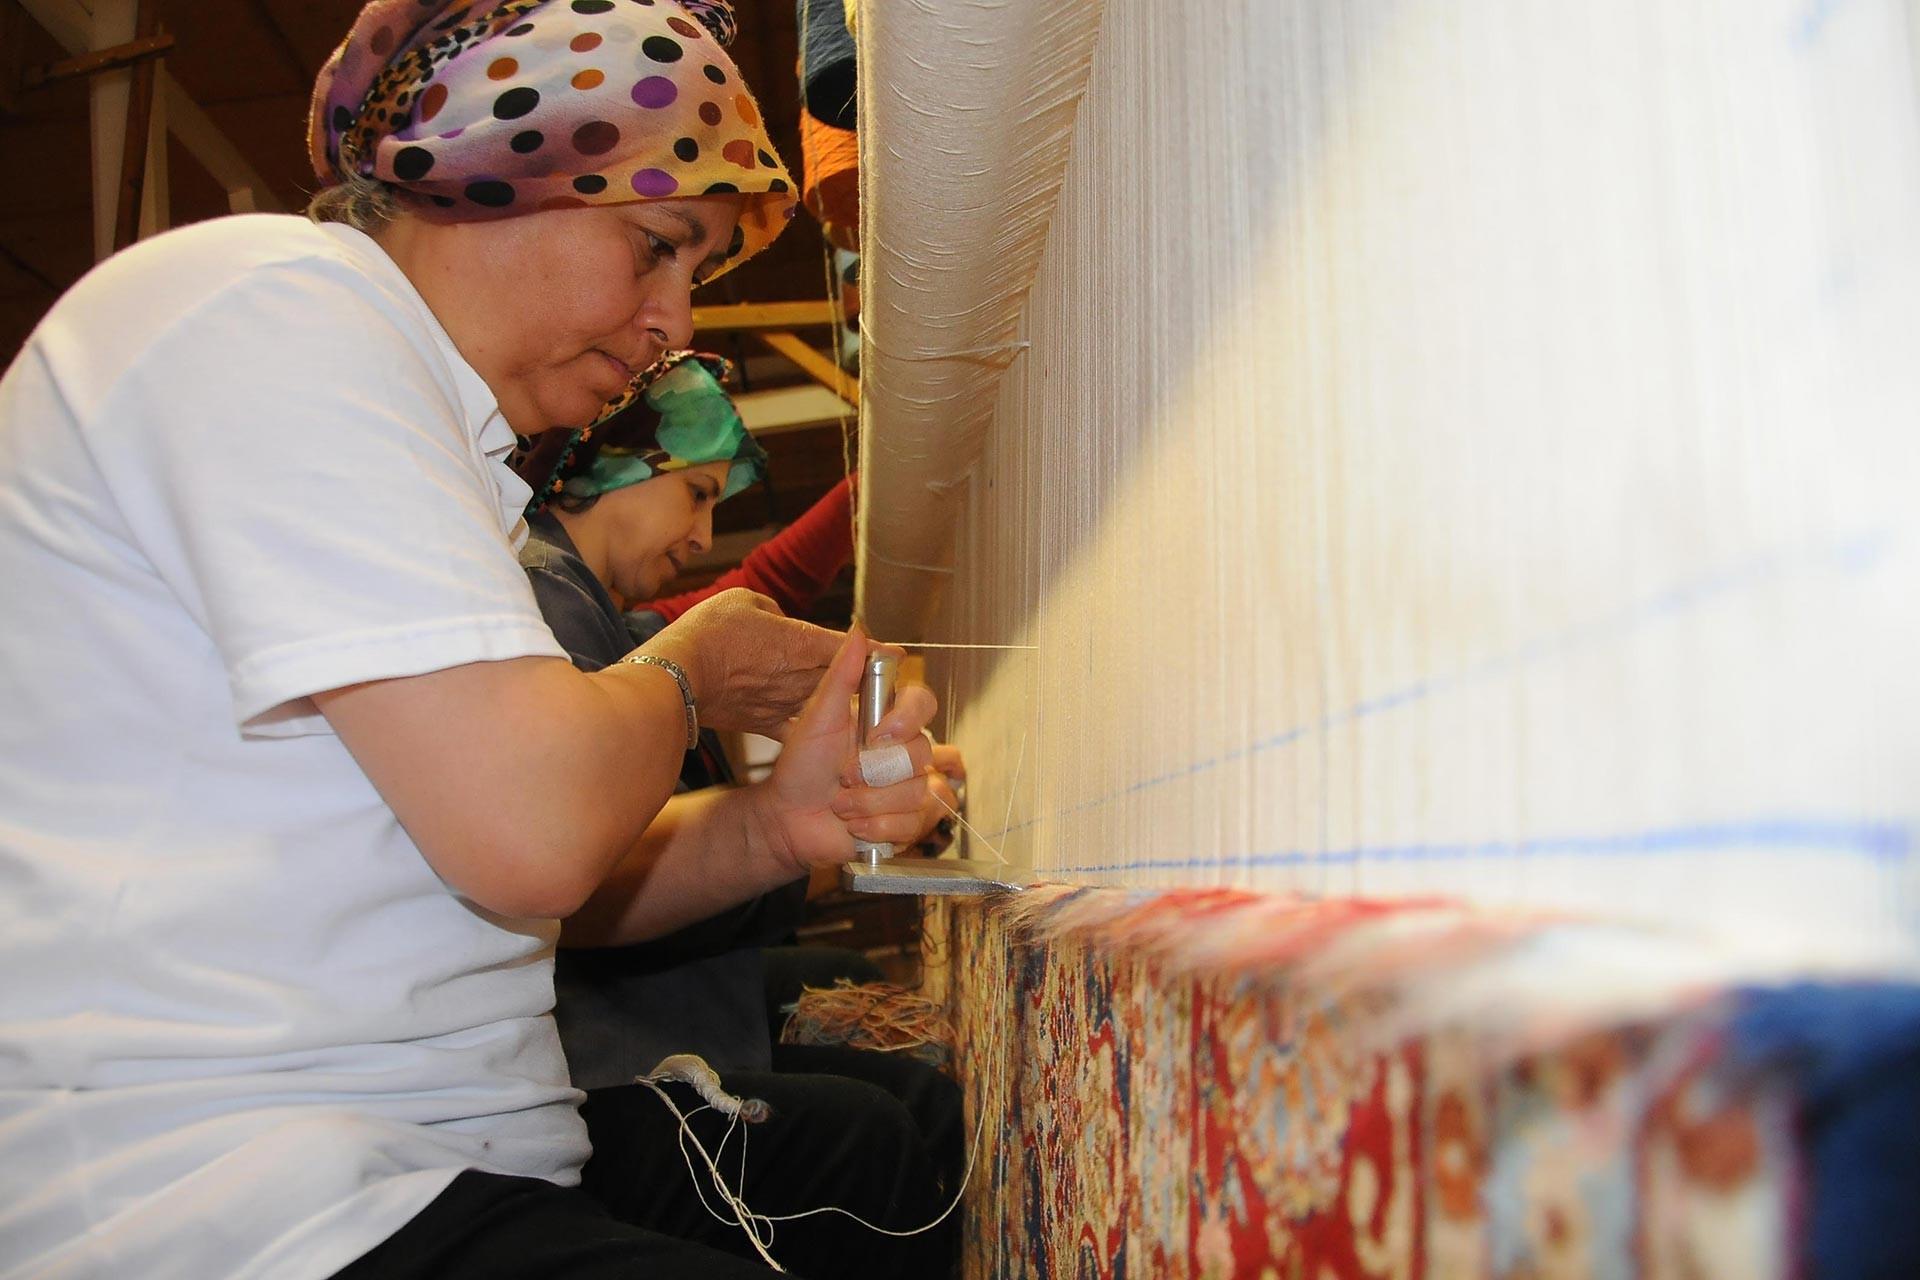 Halı tezgahında dokuma yapan kadın